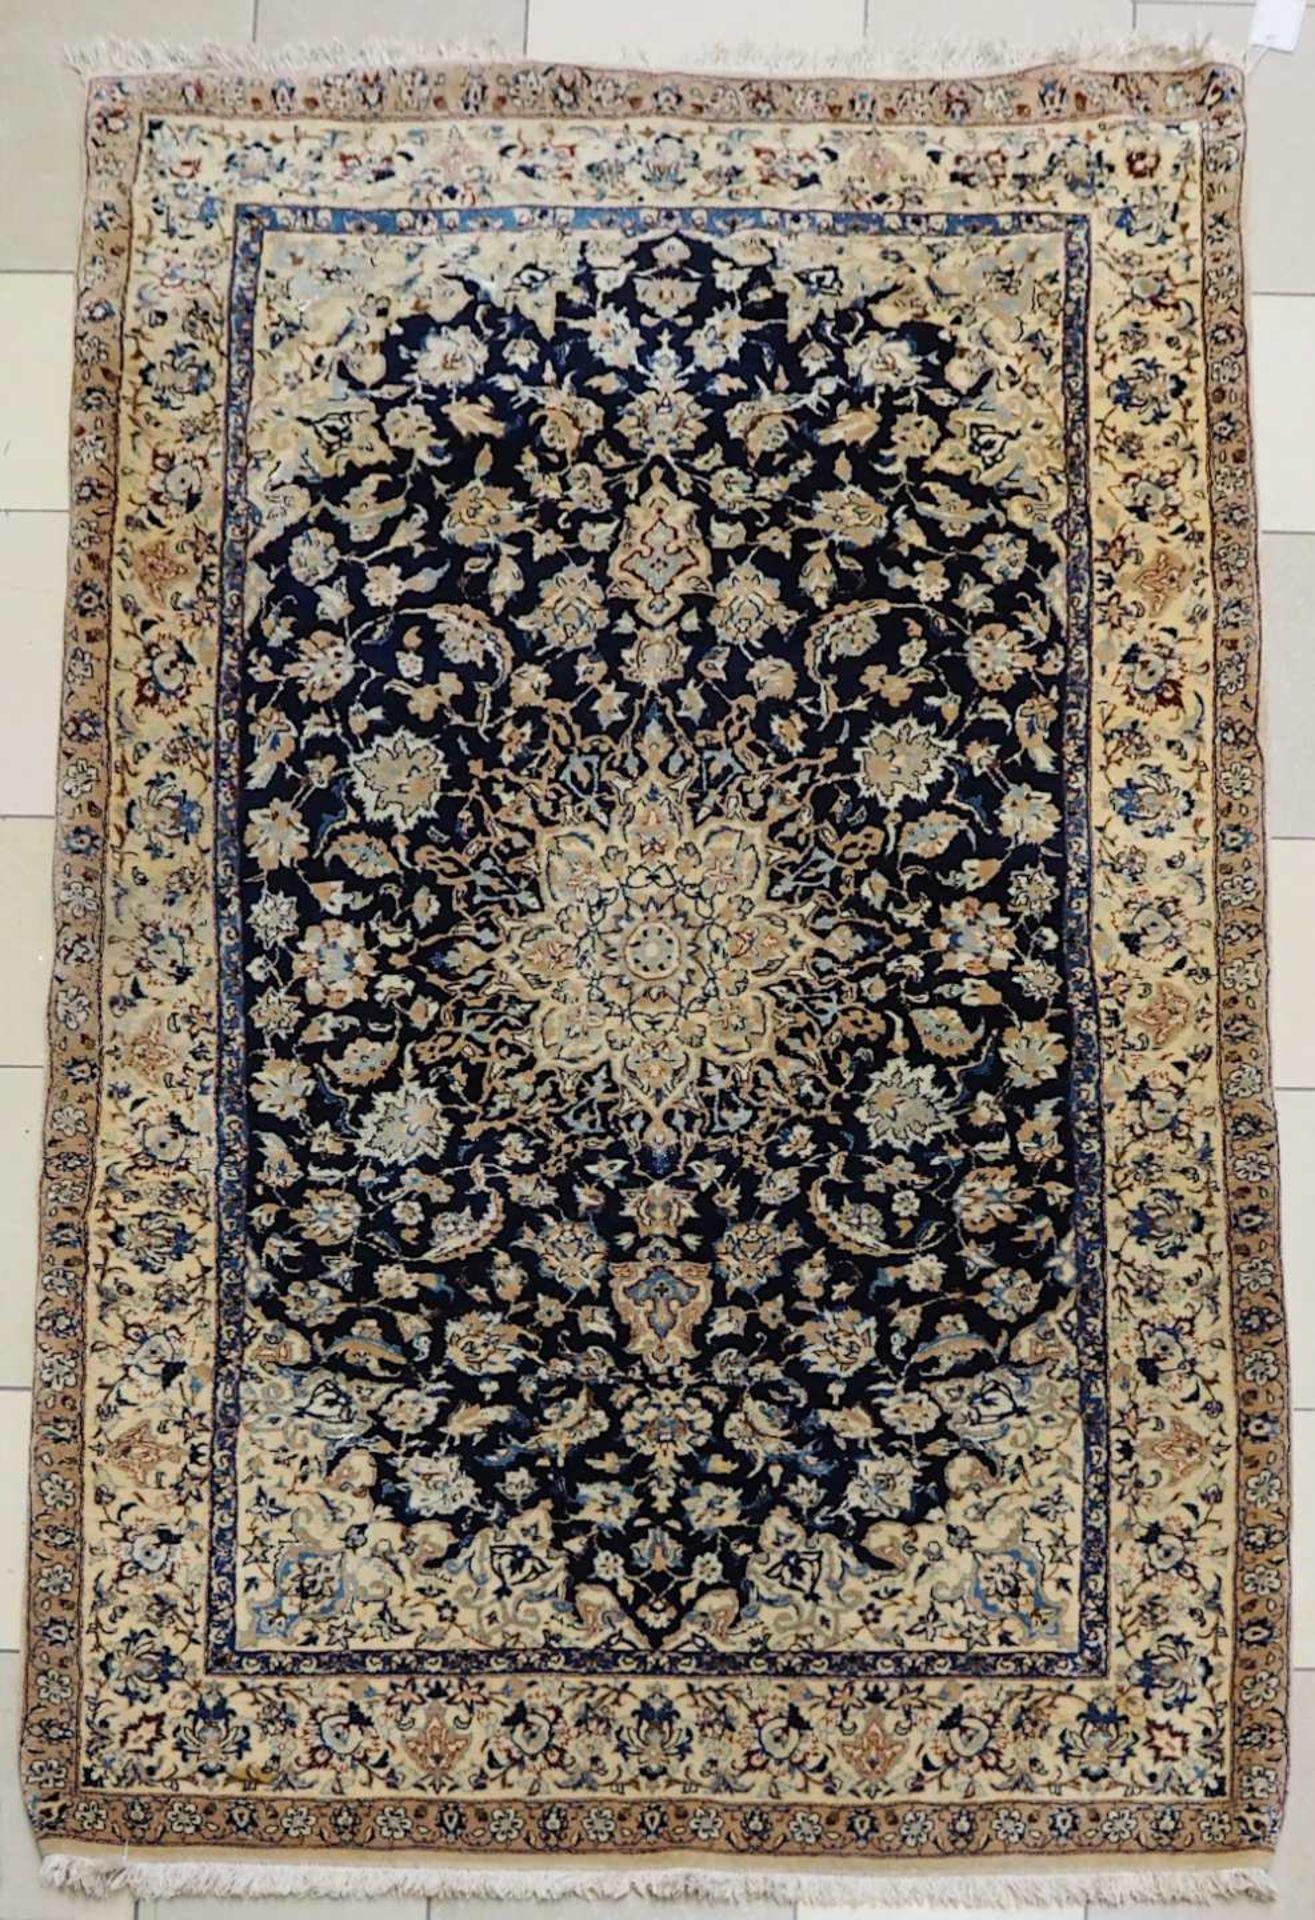 1 Konv. Teppiche 20. Jh.: Mittelfeld beigegrundig, Randbordüre rotgrundig, je florale - Bild 2 aus 7